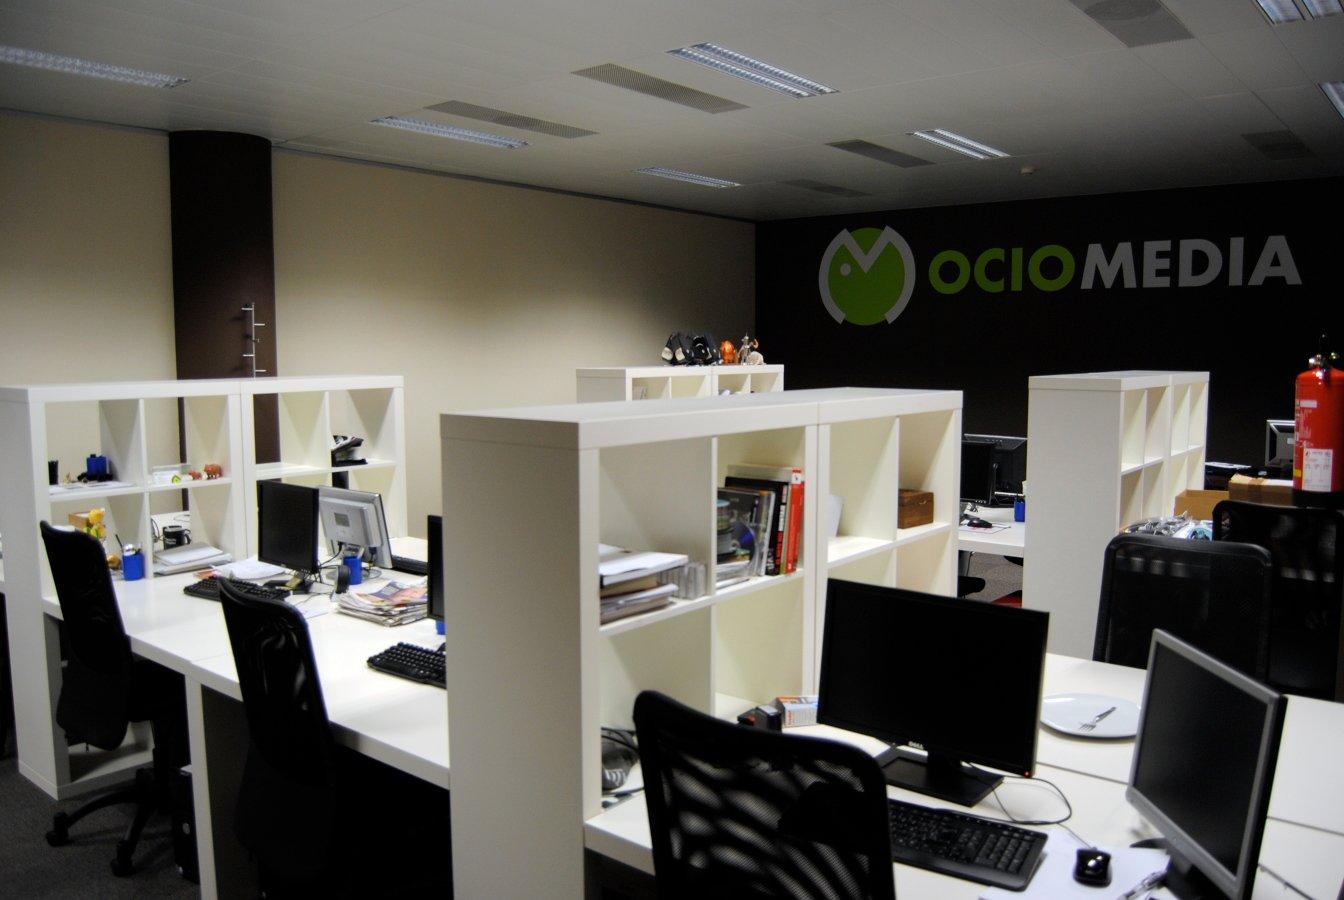 Disenos Para Oficinas Of Foto Dise O Oficinas Grupo Itnet De 800m2 En Barcelona De